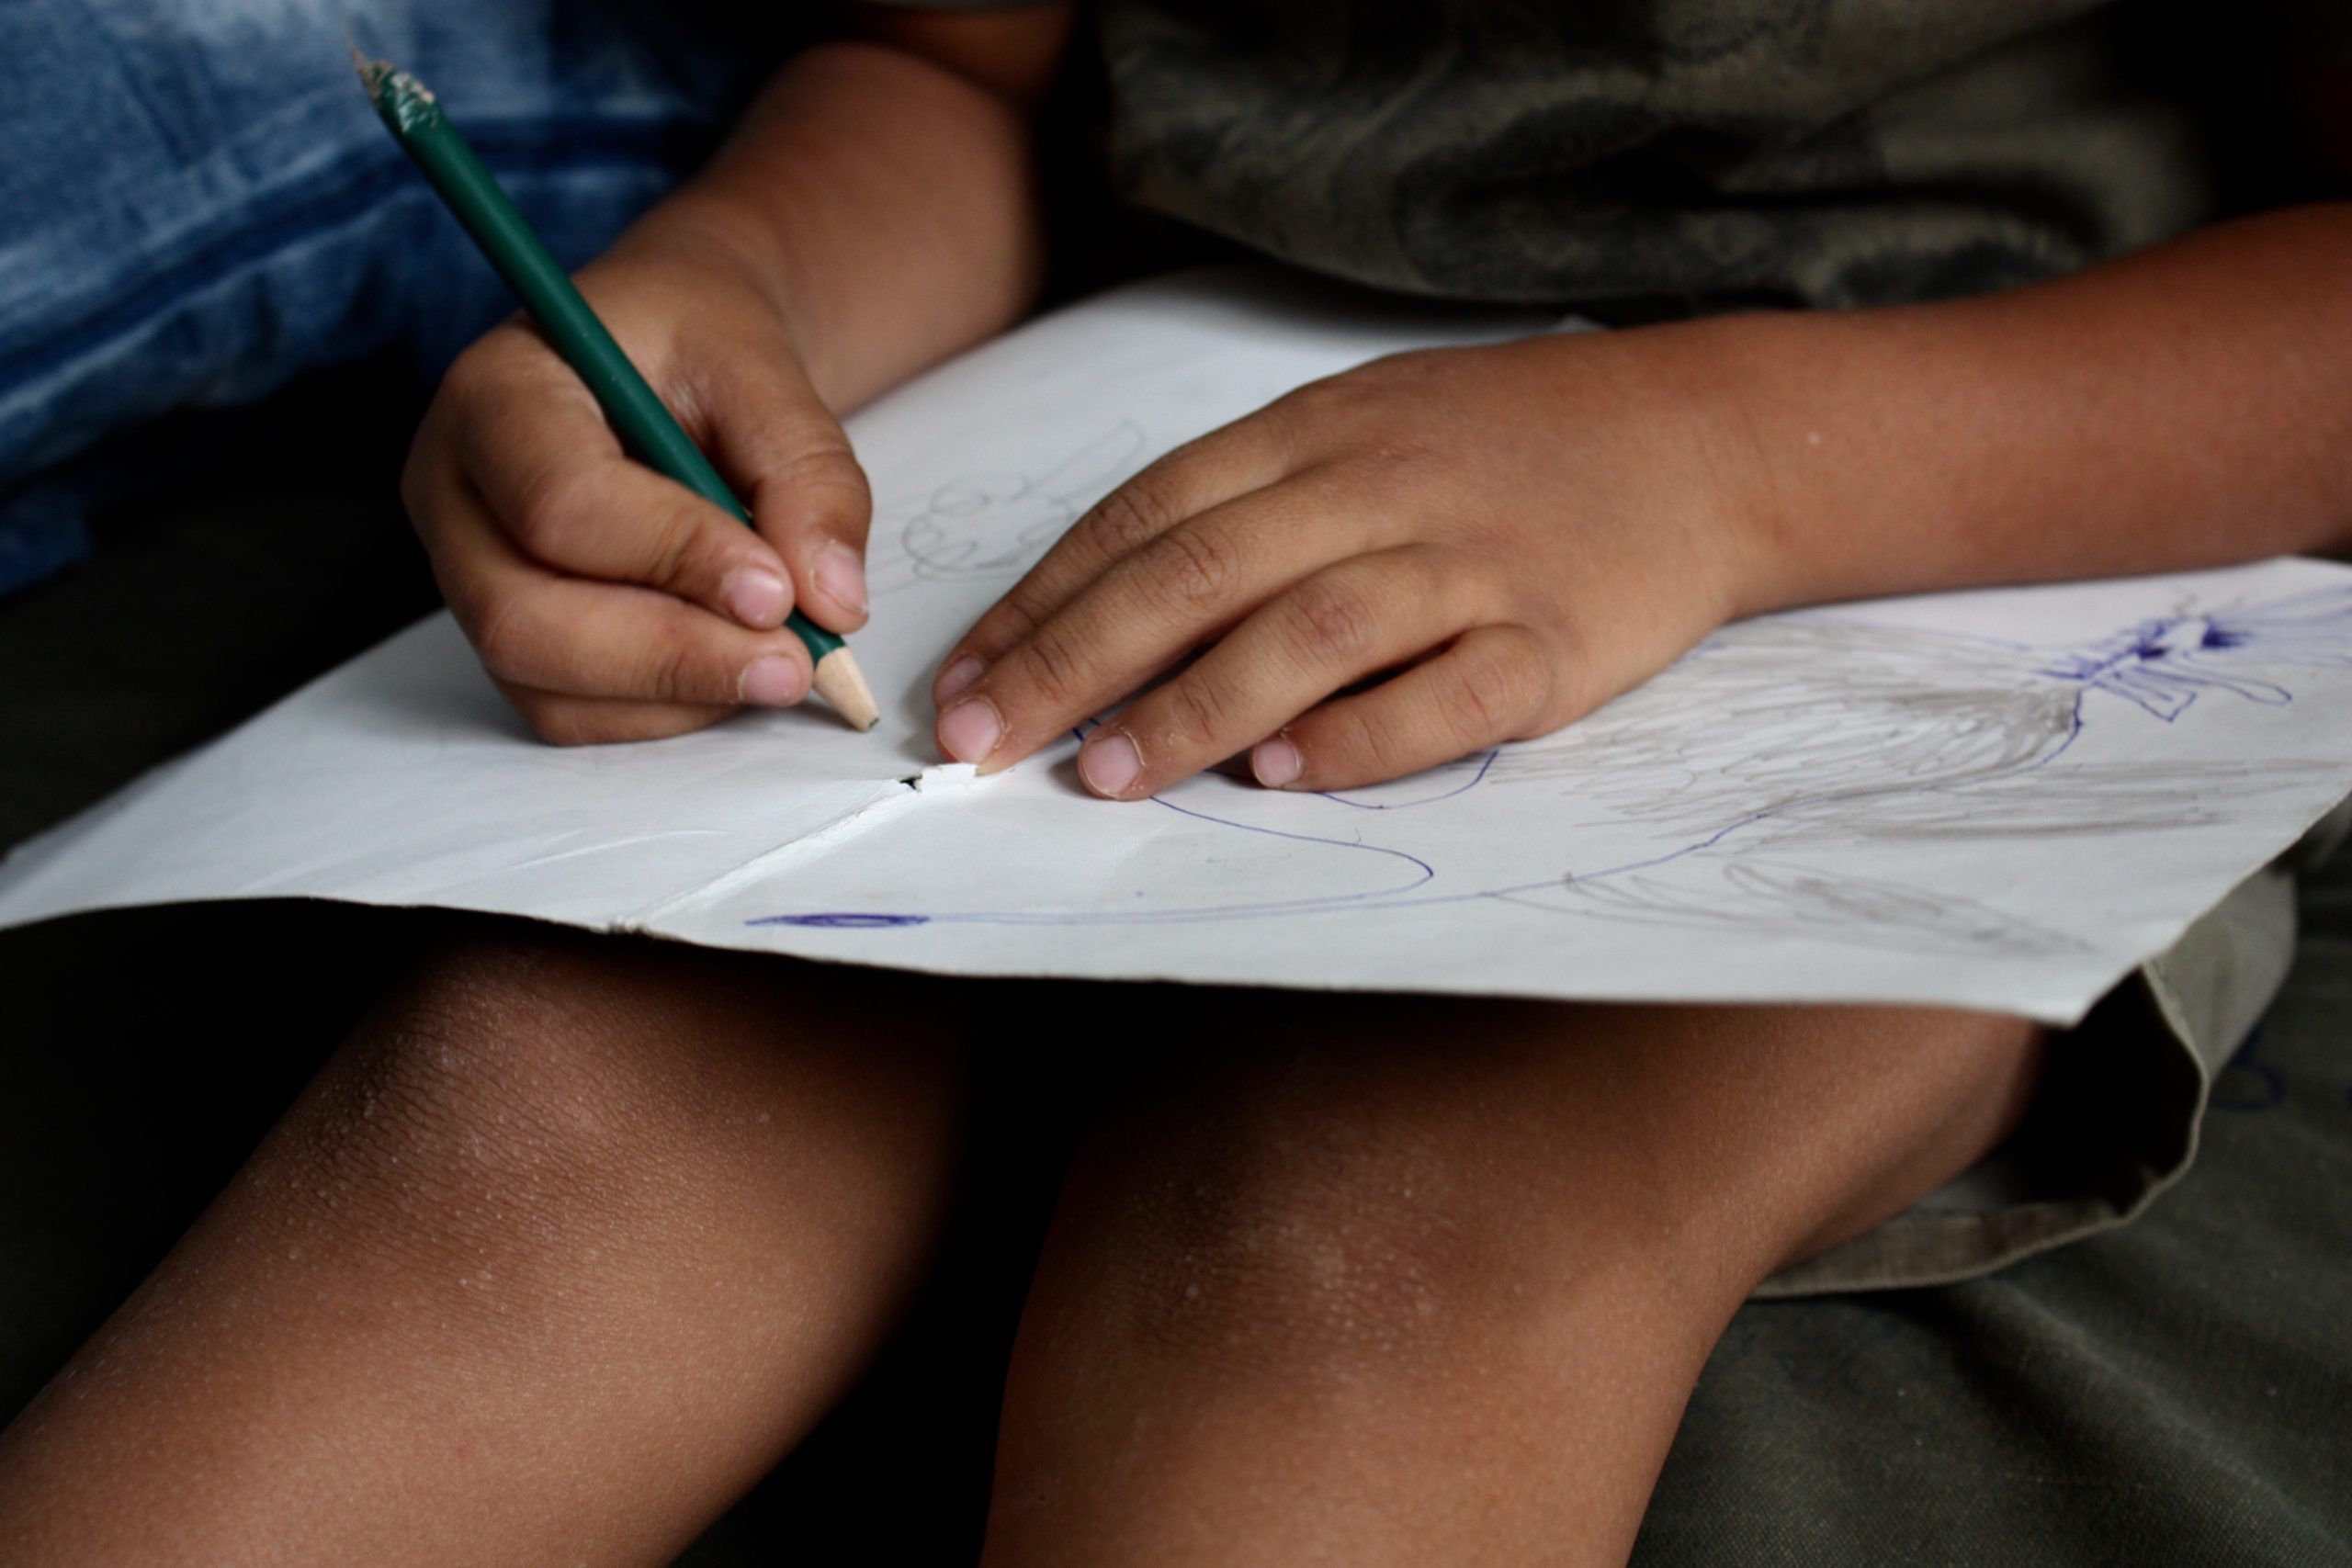 Niñas y Niños invisibles en el Presupuesto Público